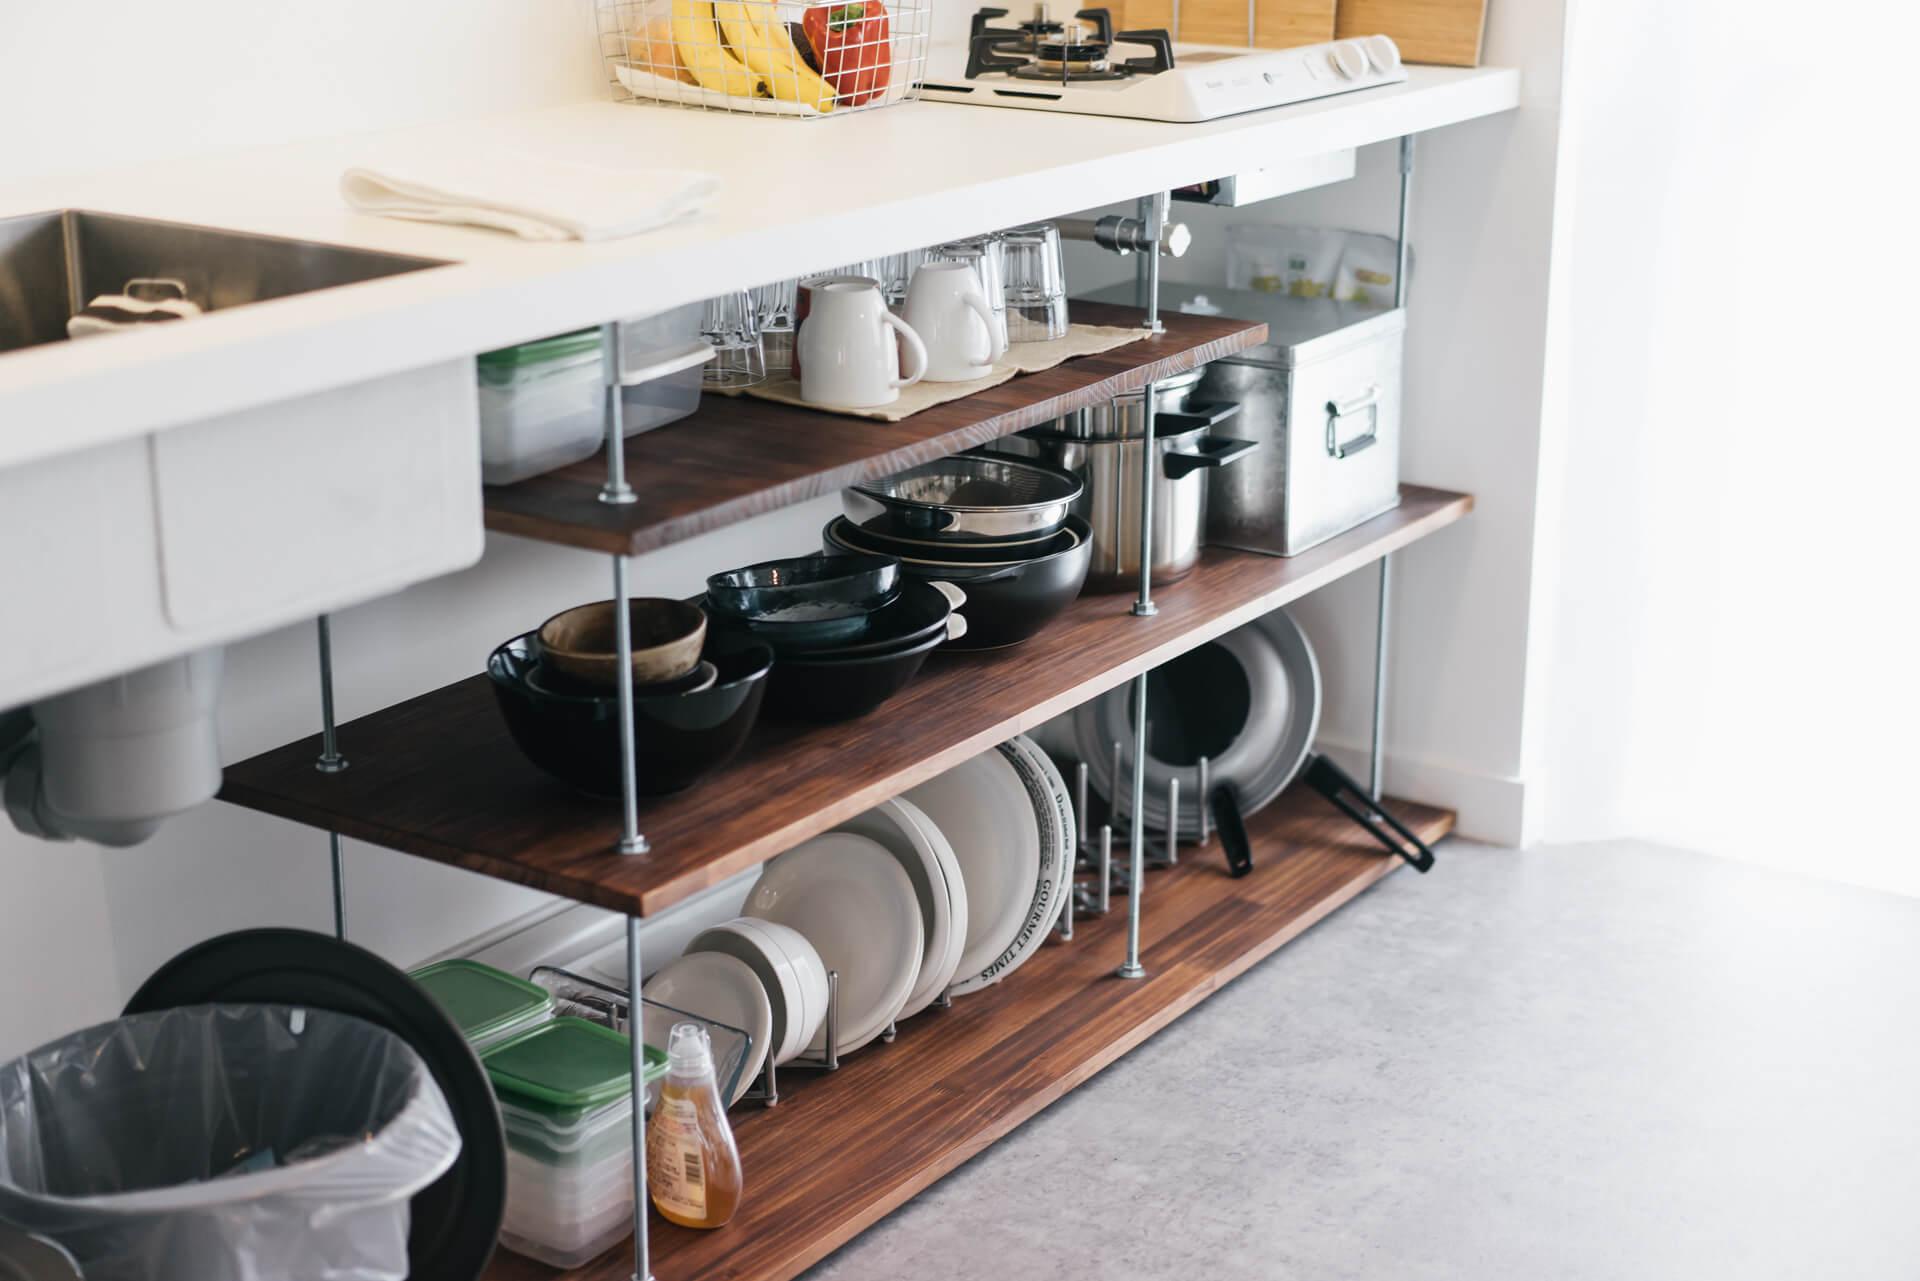 シンクの下は全ネジとアジャスターを使って、納めるキッチンツールや食器にぴったり合ったサイズの収納を自作。